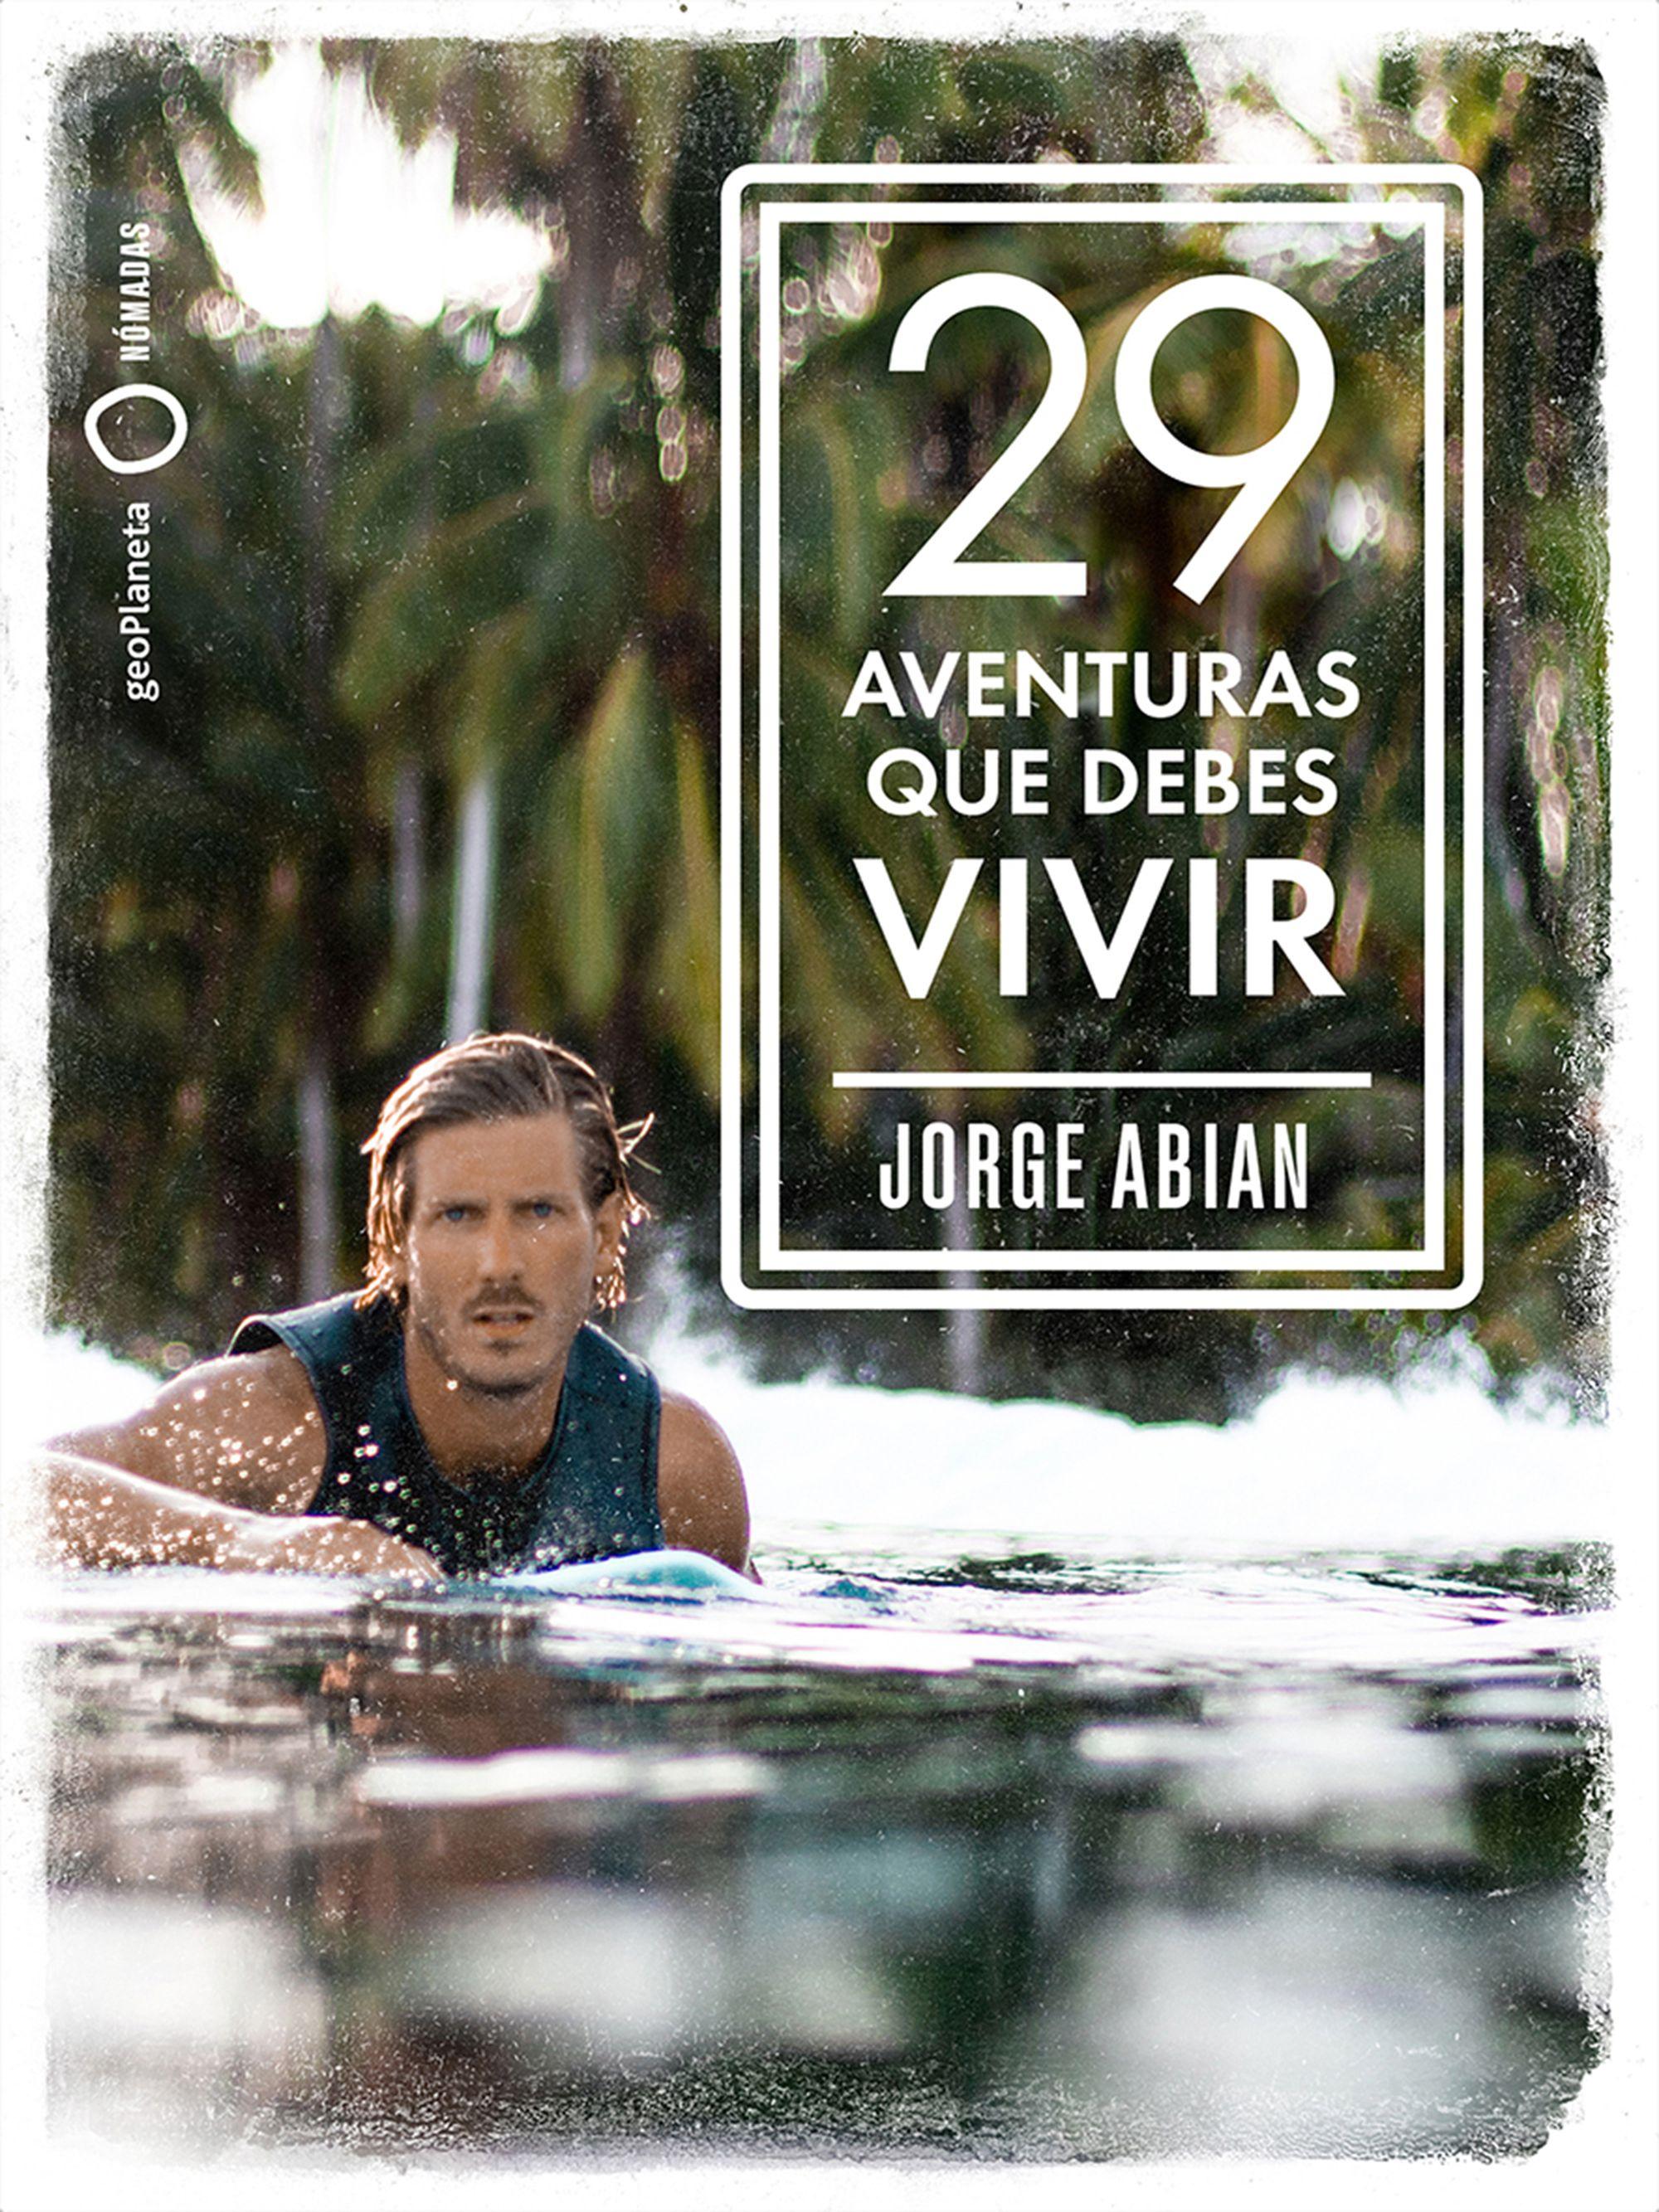 Portada libro - 29 aventuras que debes vivir